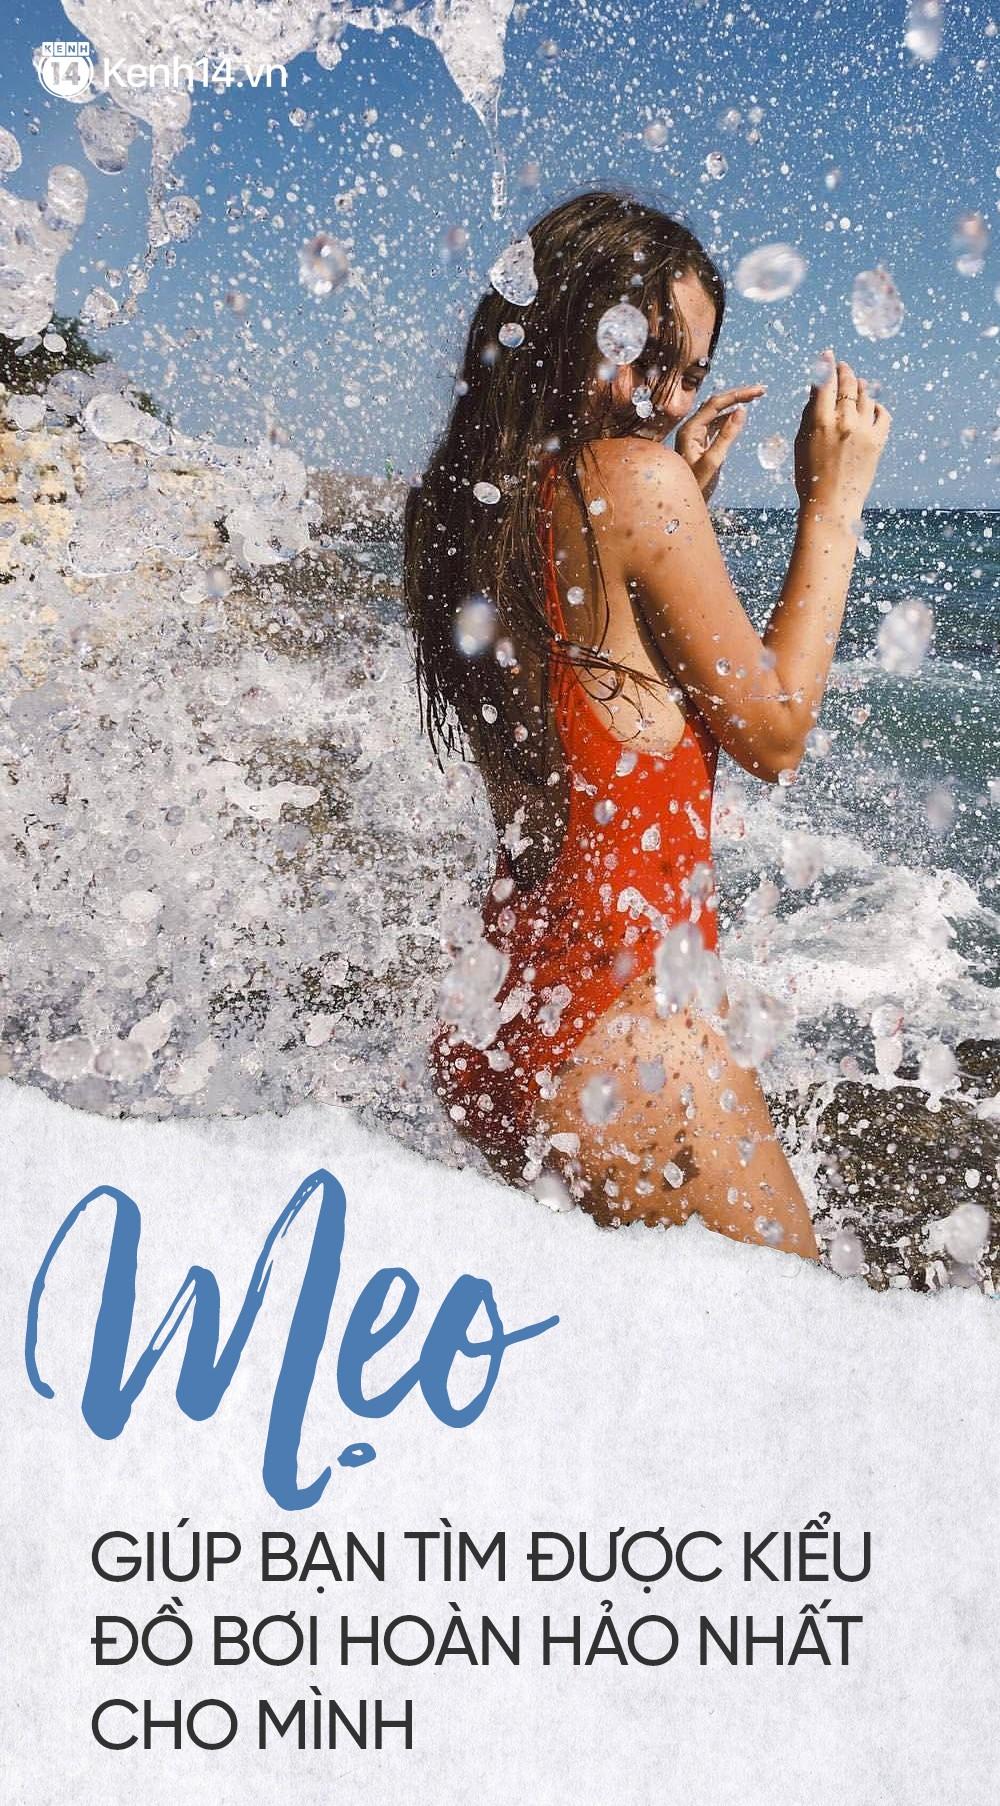 Trọn bộ bí kíp chọn đồ bơi giúp bạn thoải mái sống ảo mà không lo về dáng - Ảnh 1.